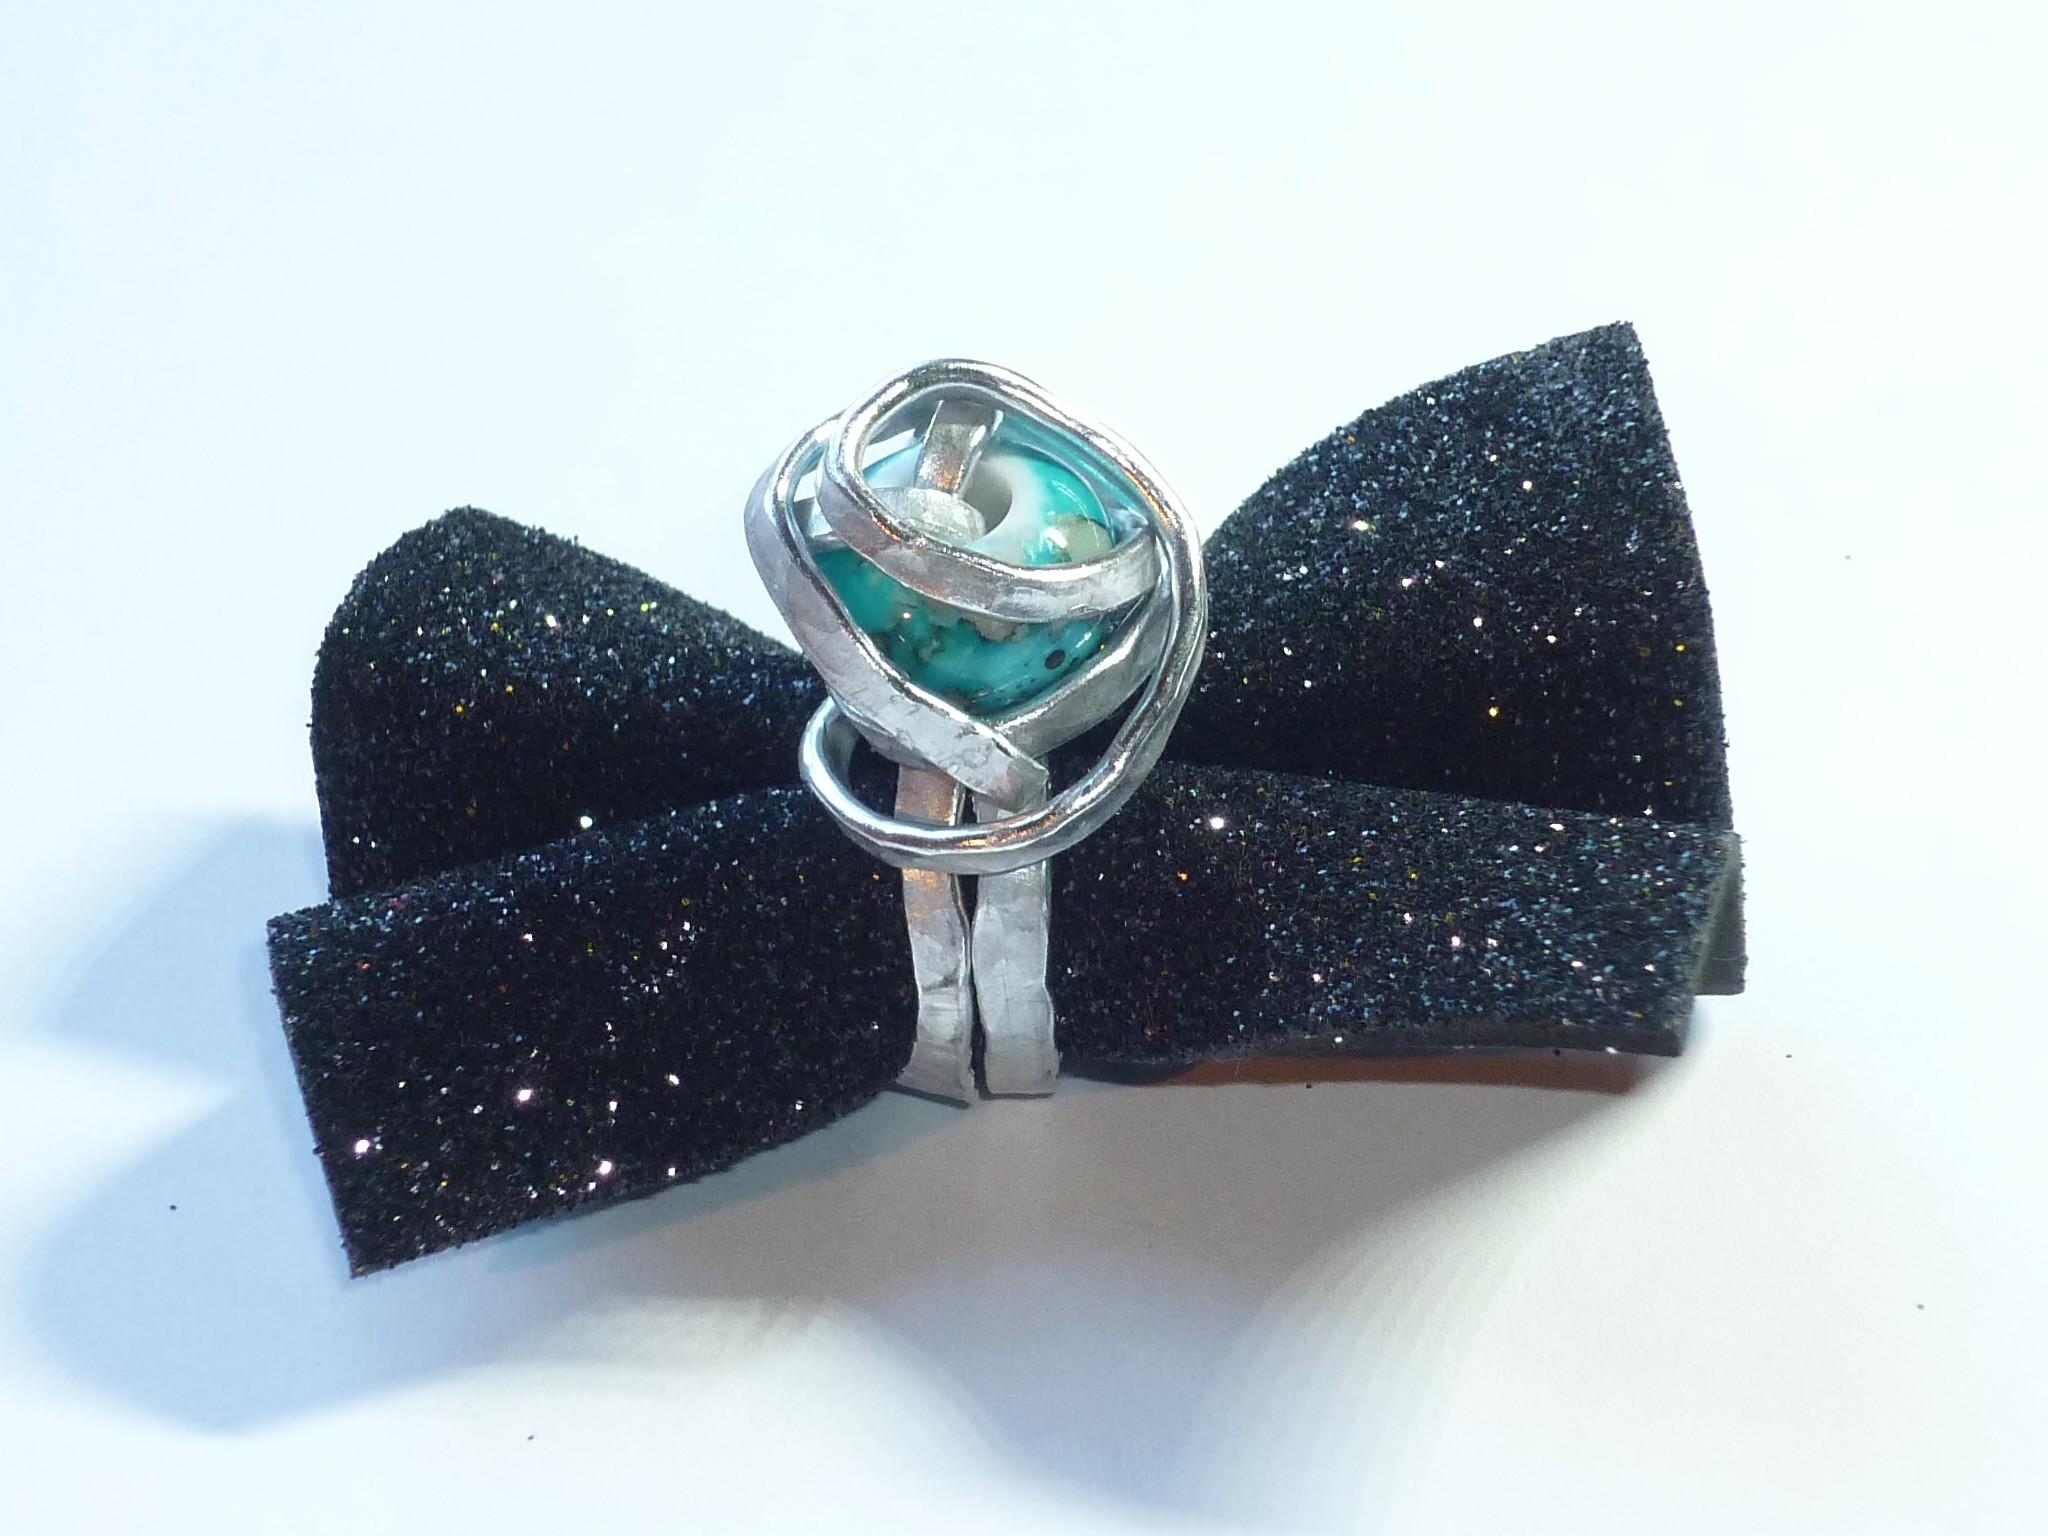 Anello onda azzurra, in alluminio martellato con perla azzurra